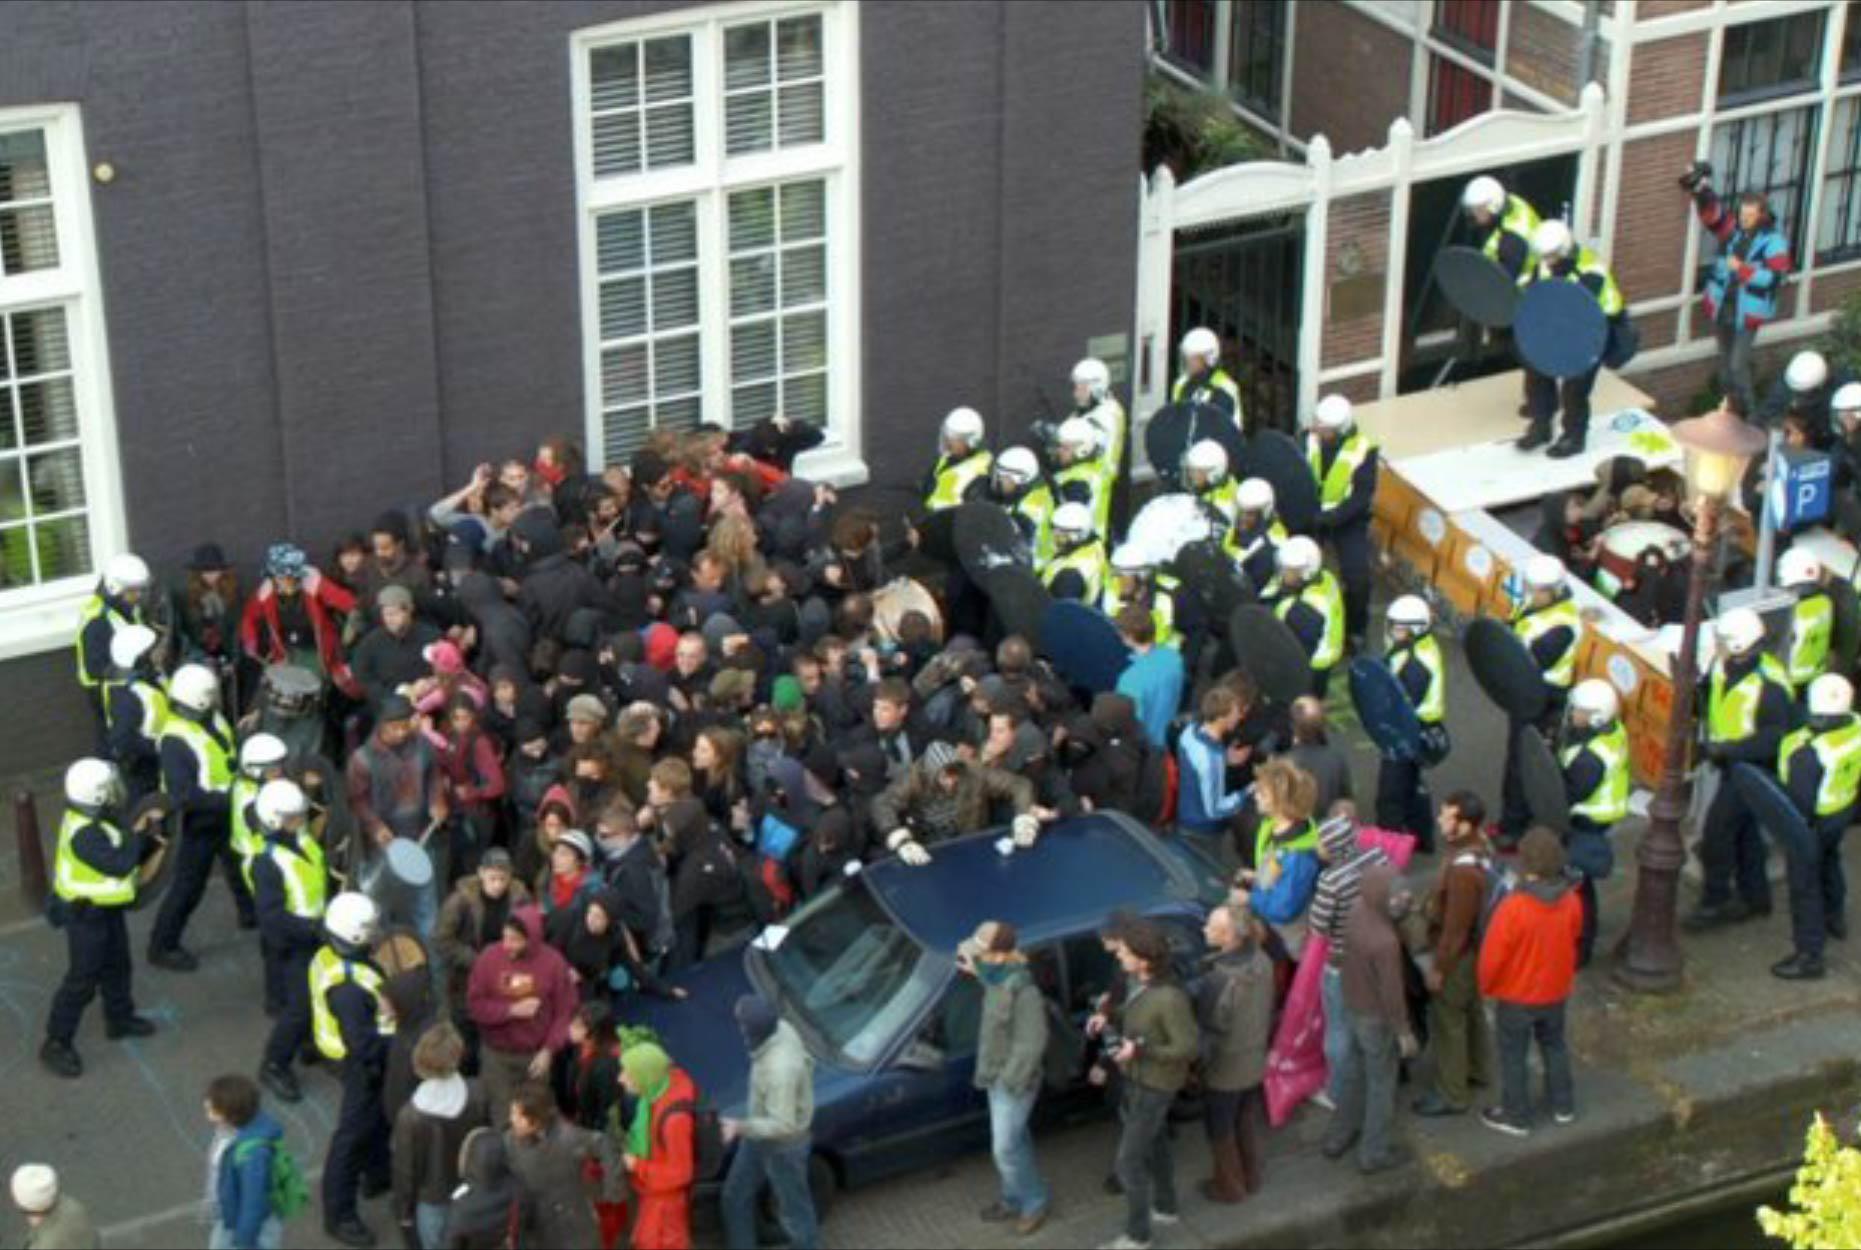 Polícia cerca manifestantes em rua estreita. Alguns manifestantes levantam as mãos como que em rendição.